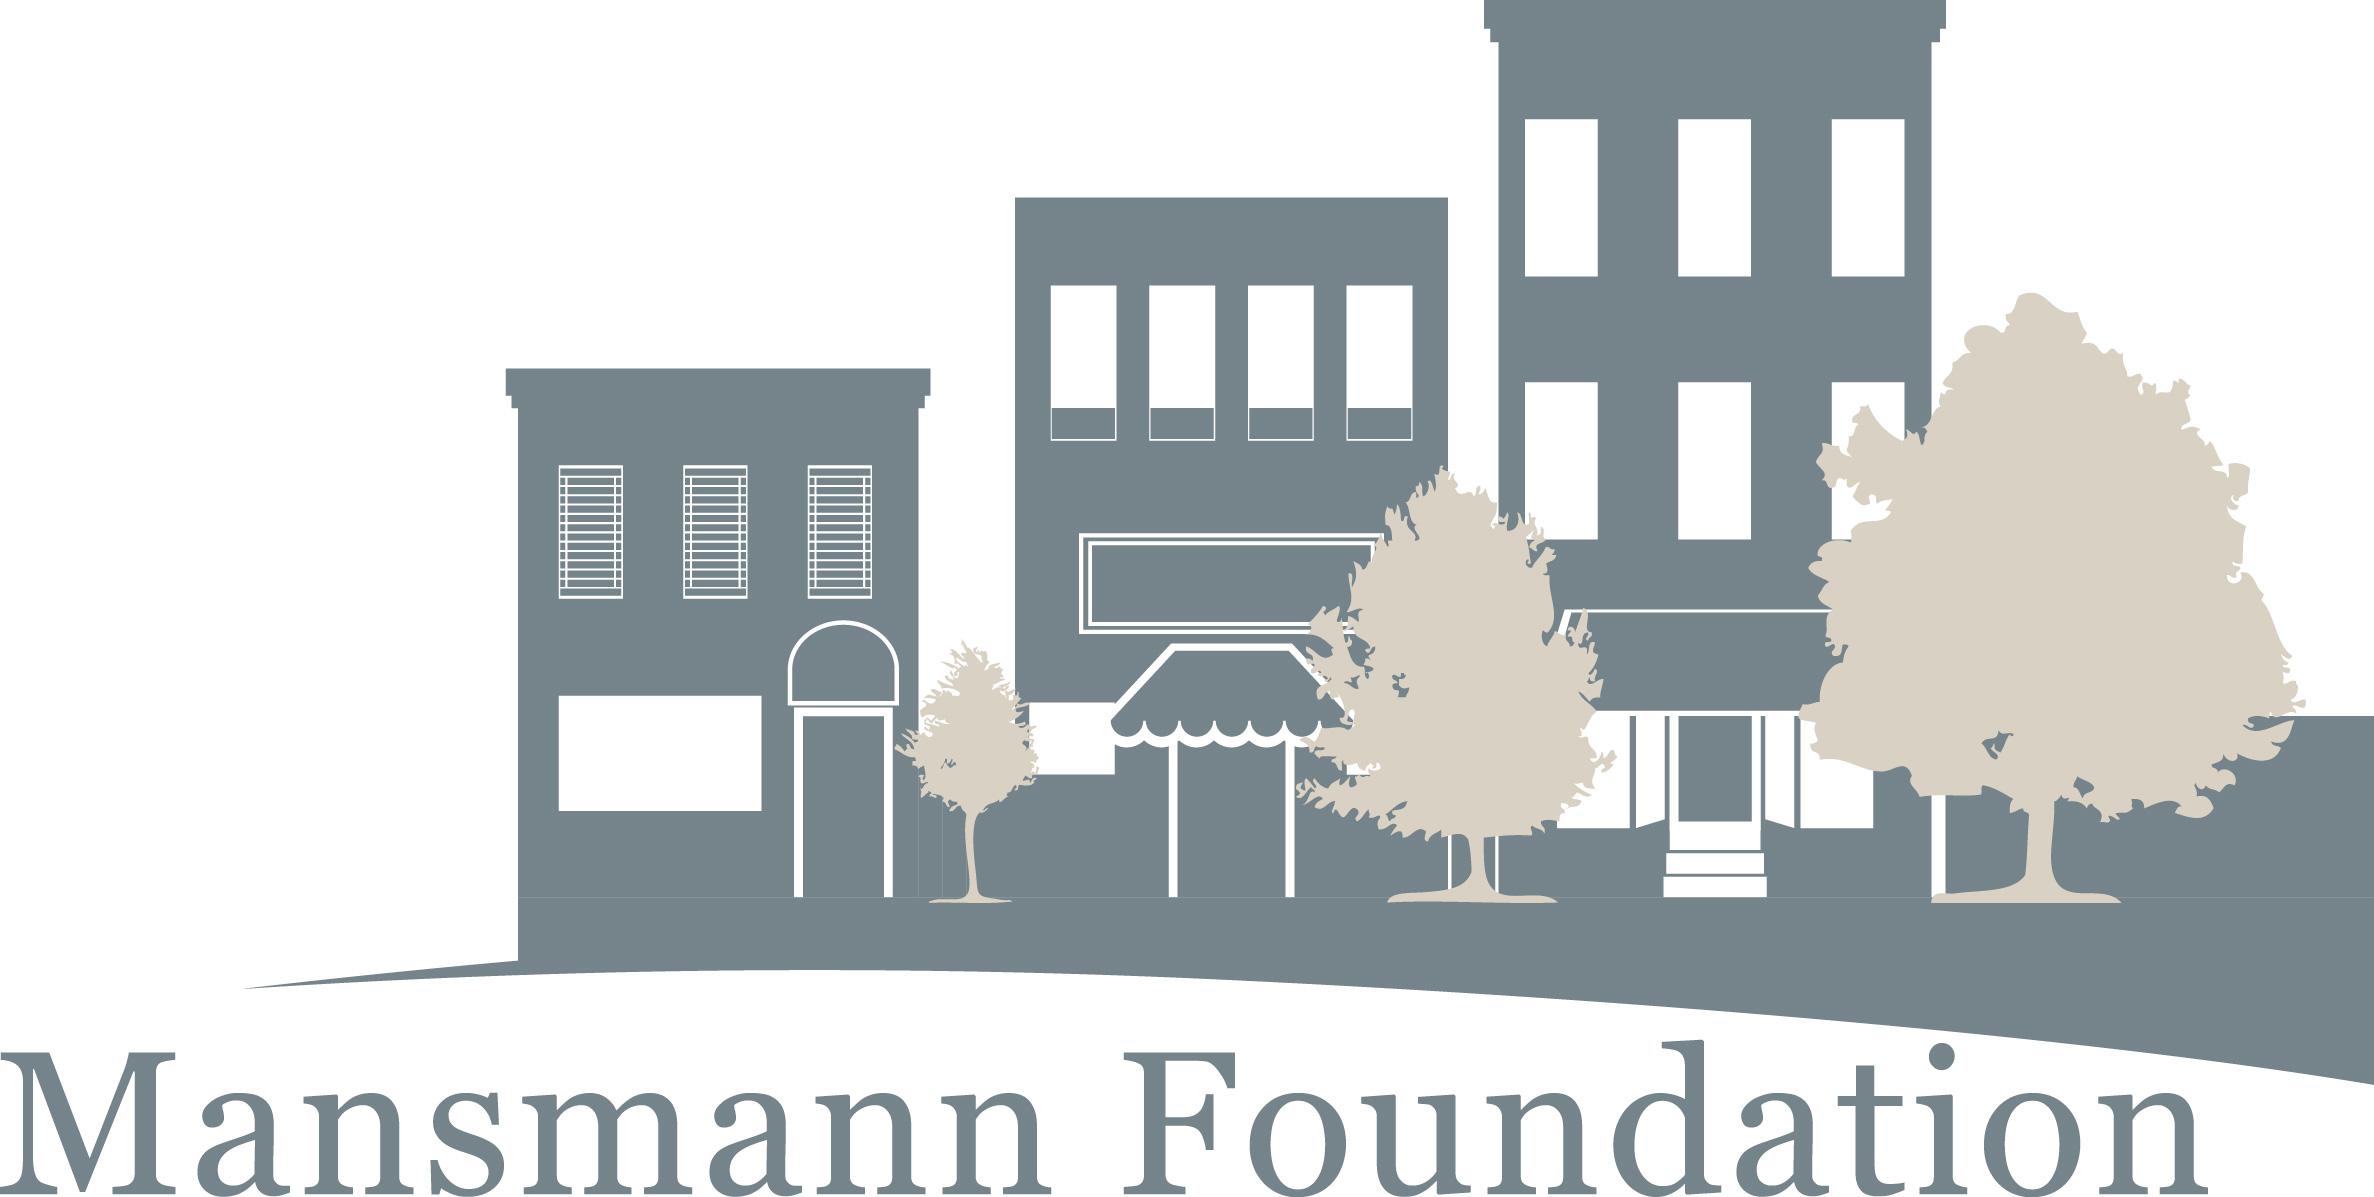 Mansmann Foundation.jpg